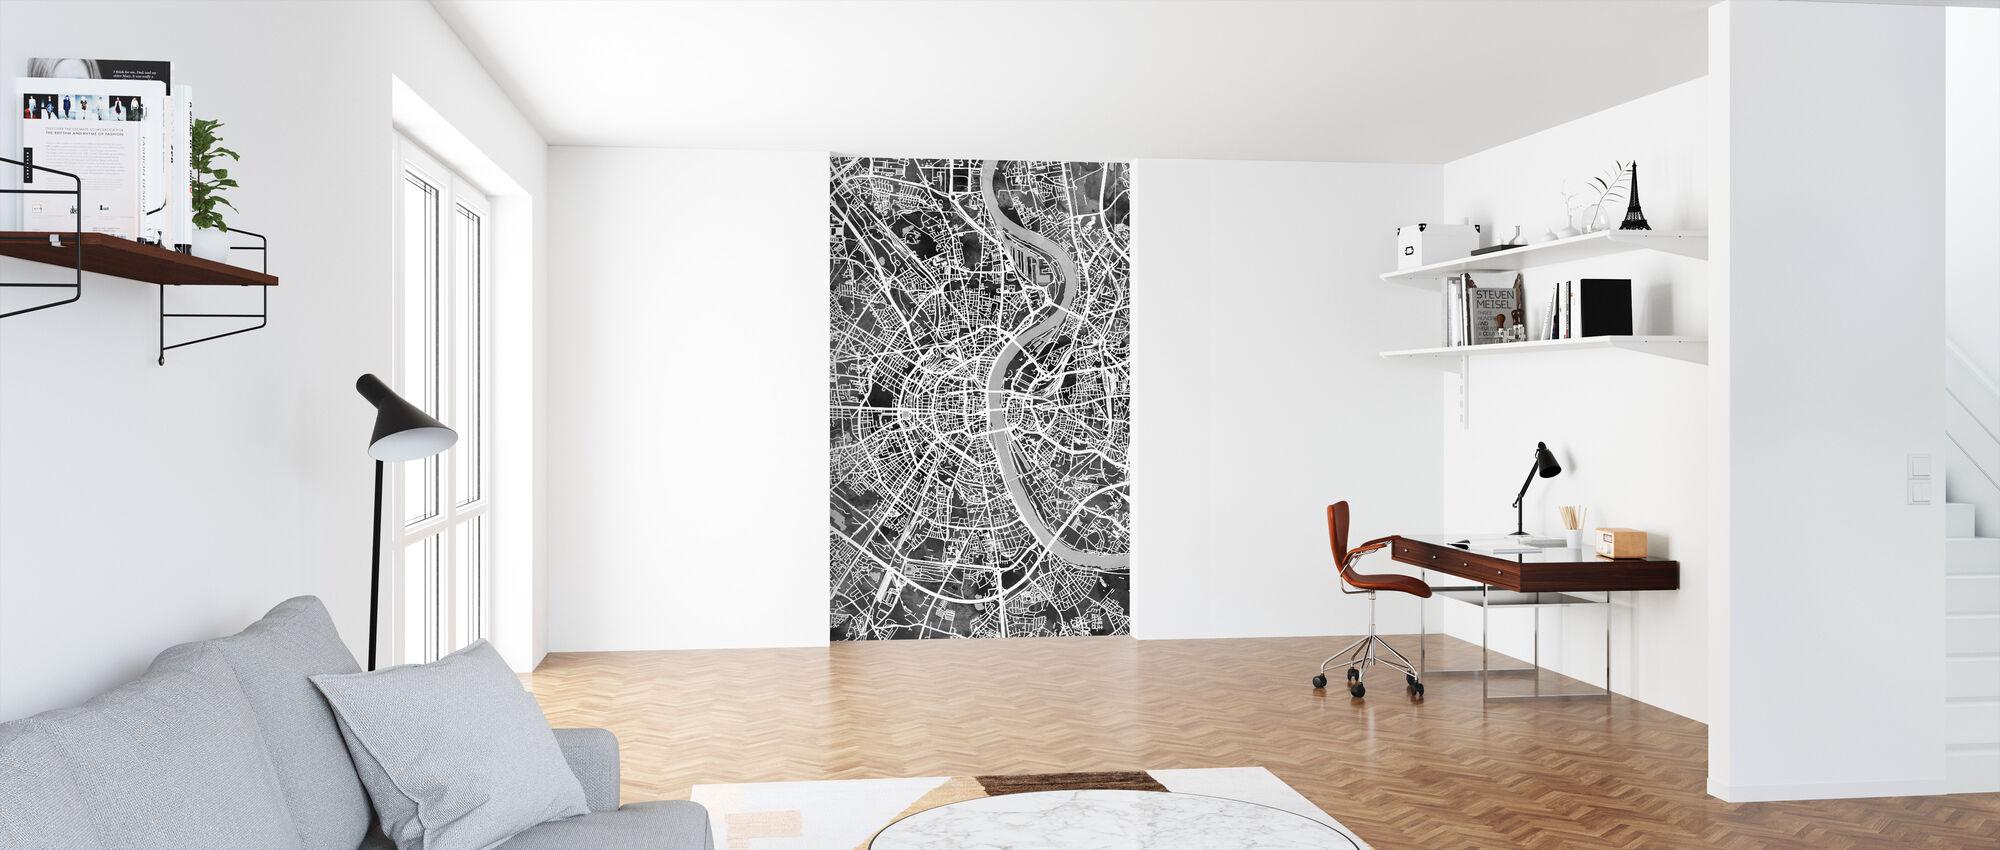 Köln Saksa Kaupunki Kartta - Tapetti - Toimisto